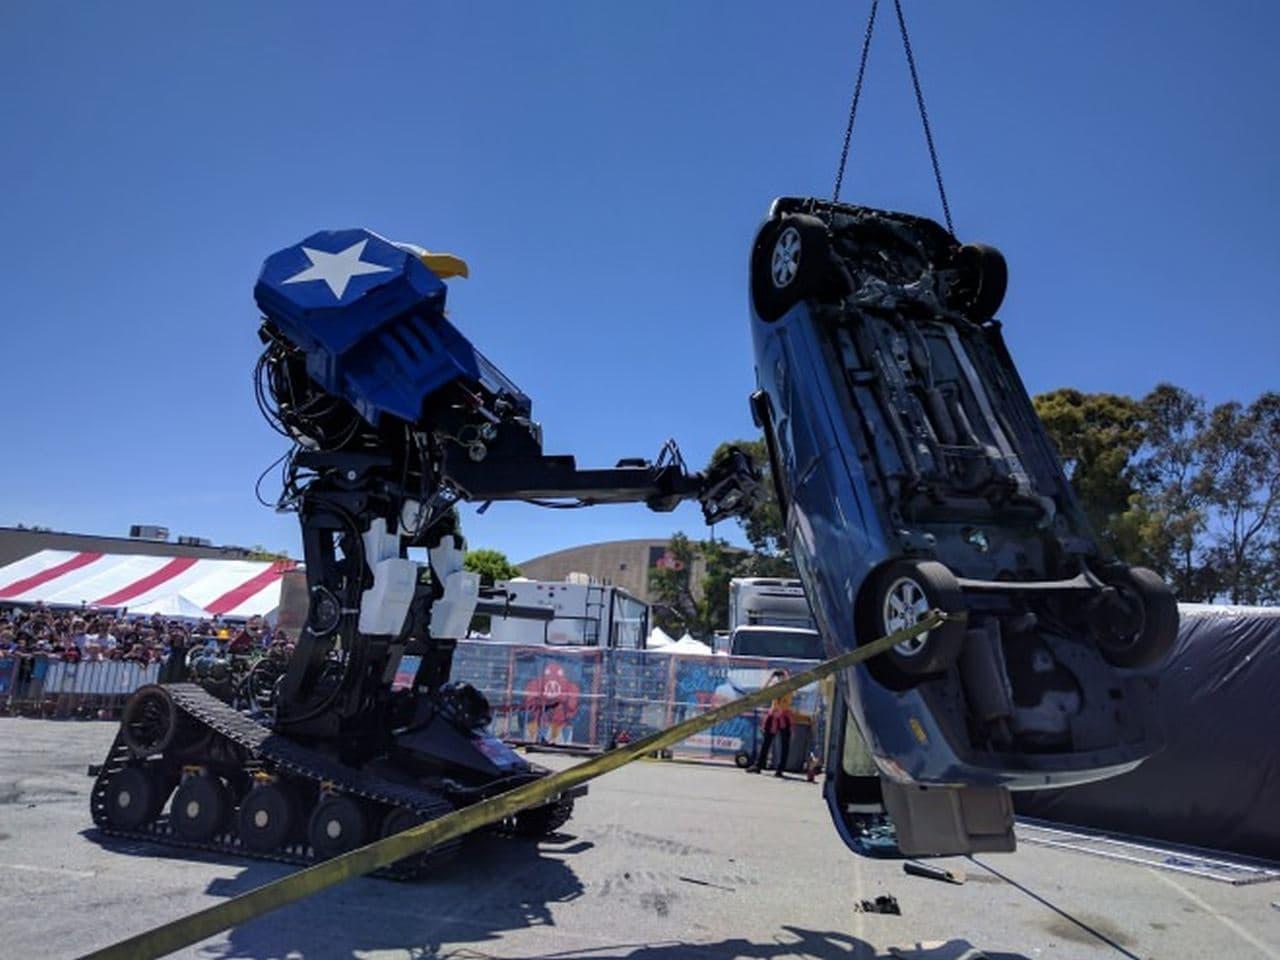 ロボットがクルマを破壊するショー